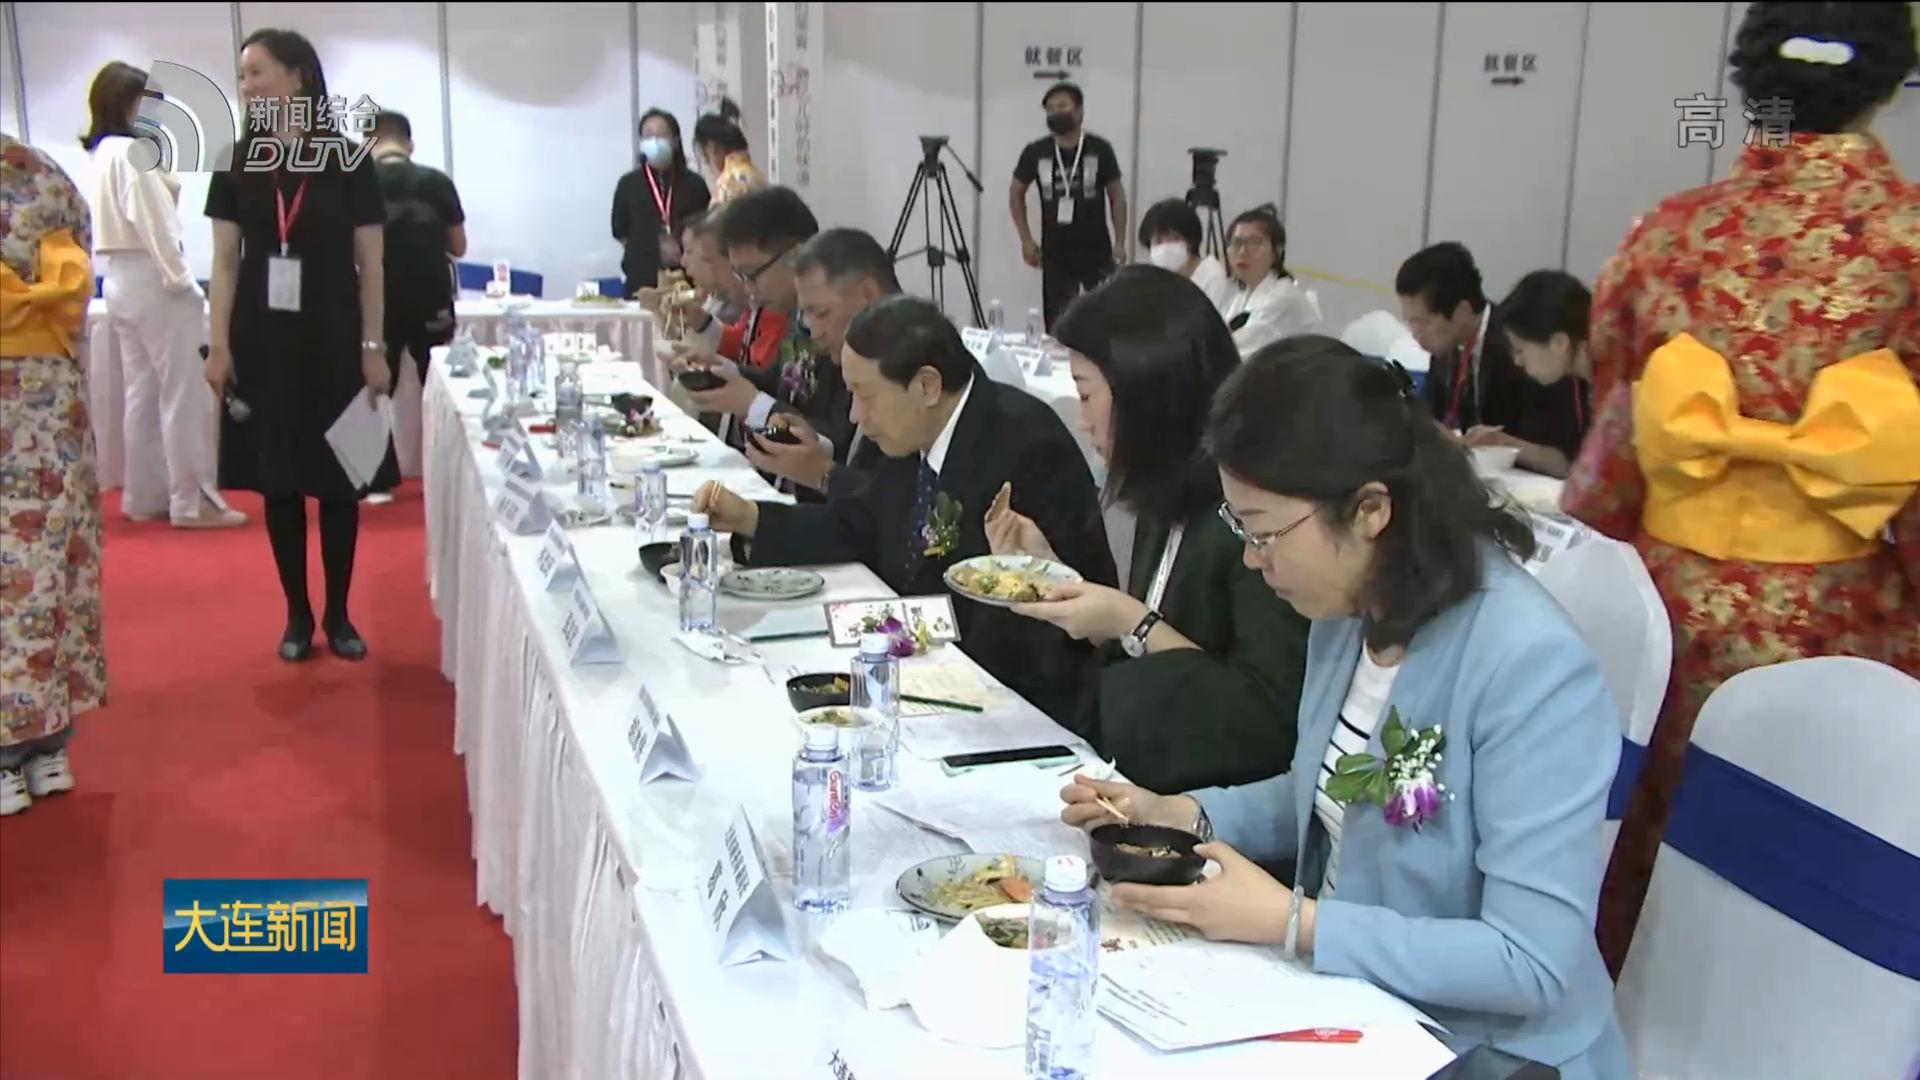 中日(大連)博覽會舉辦系列交流活動